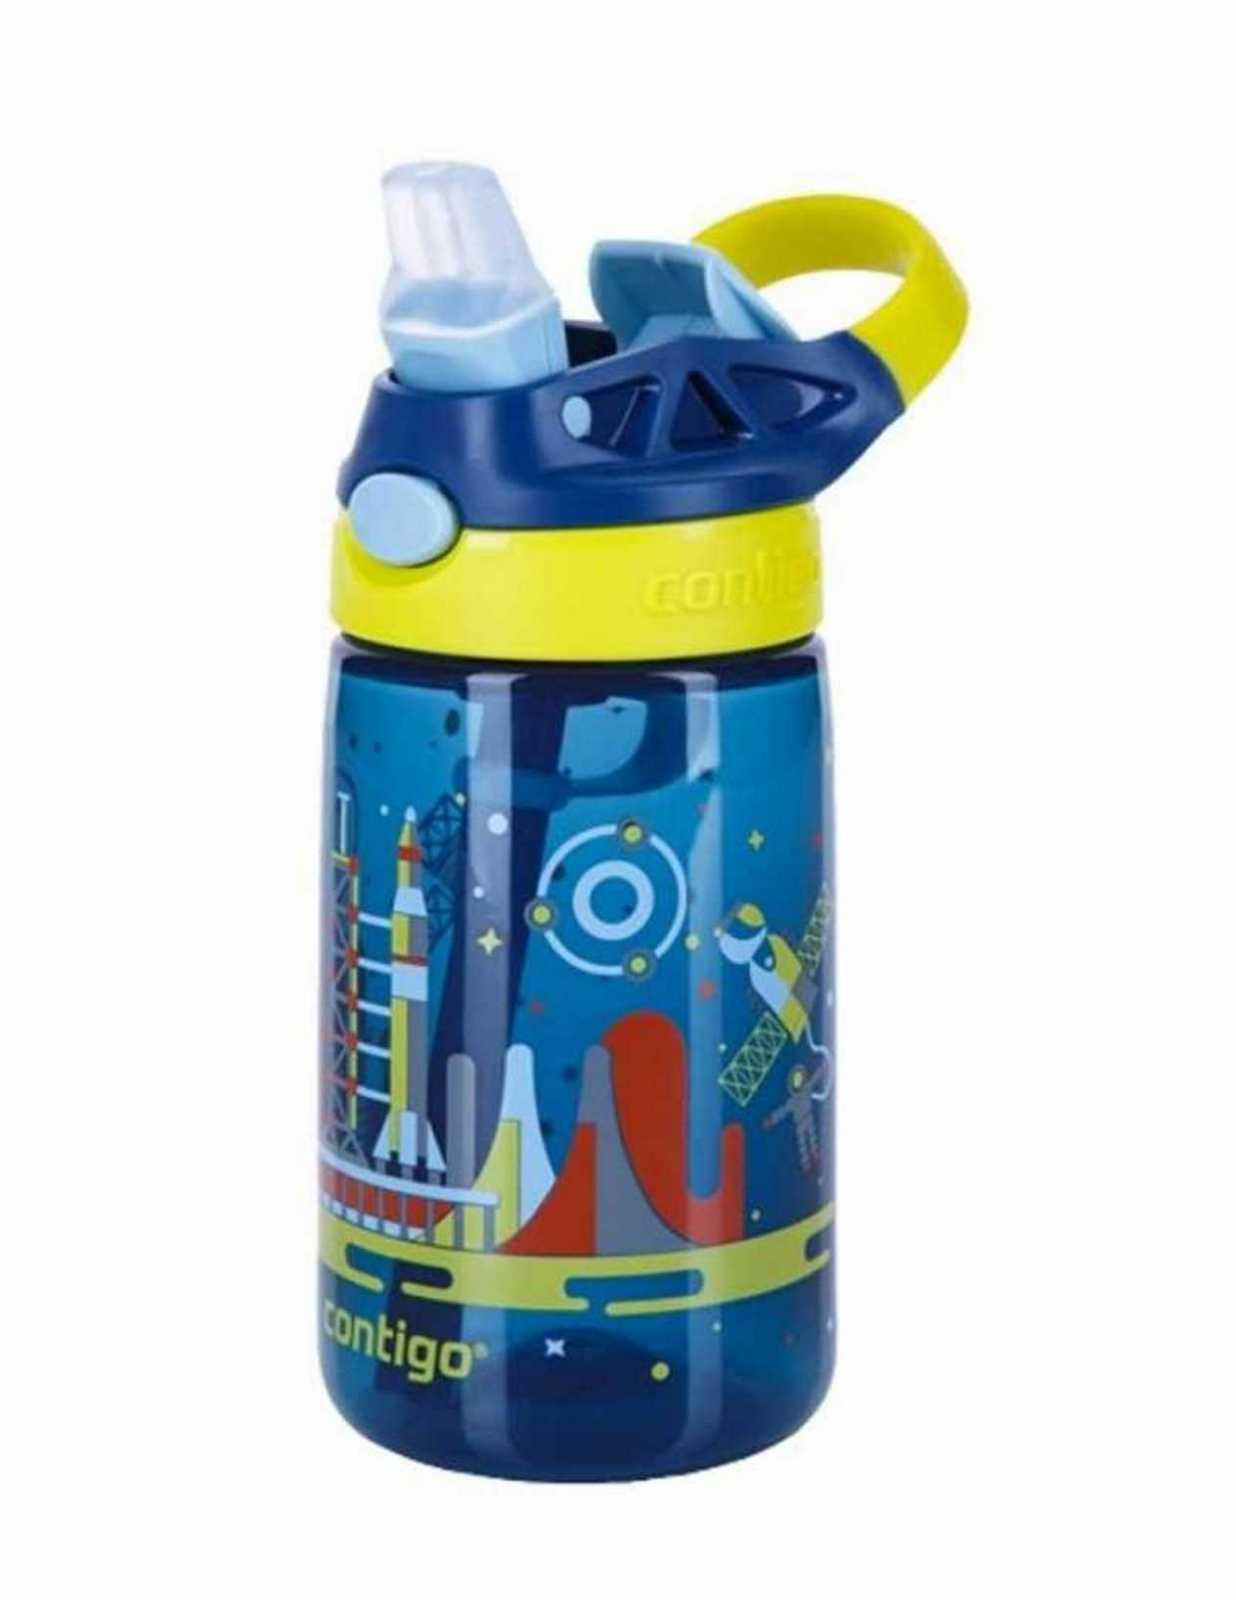 Онлайн каталог PROMENU: Бутылка детская Contigo GIZMO FLIP, объем 0,42 л, синий                               2094997